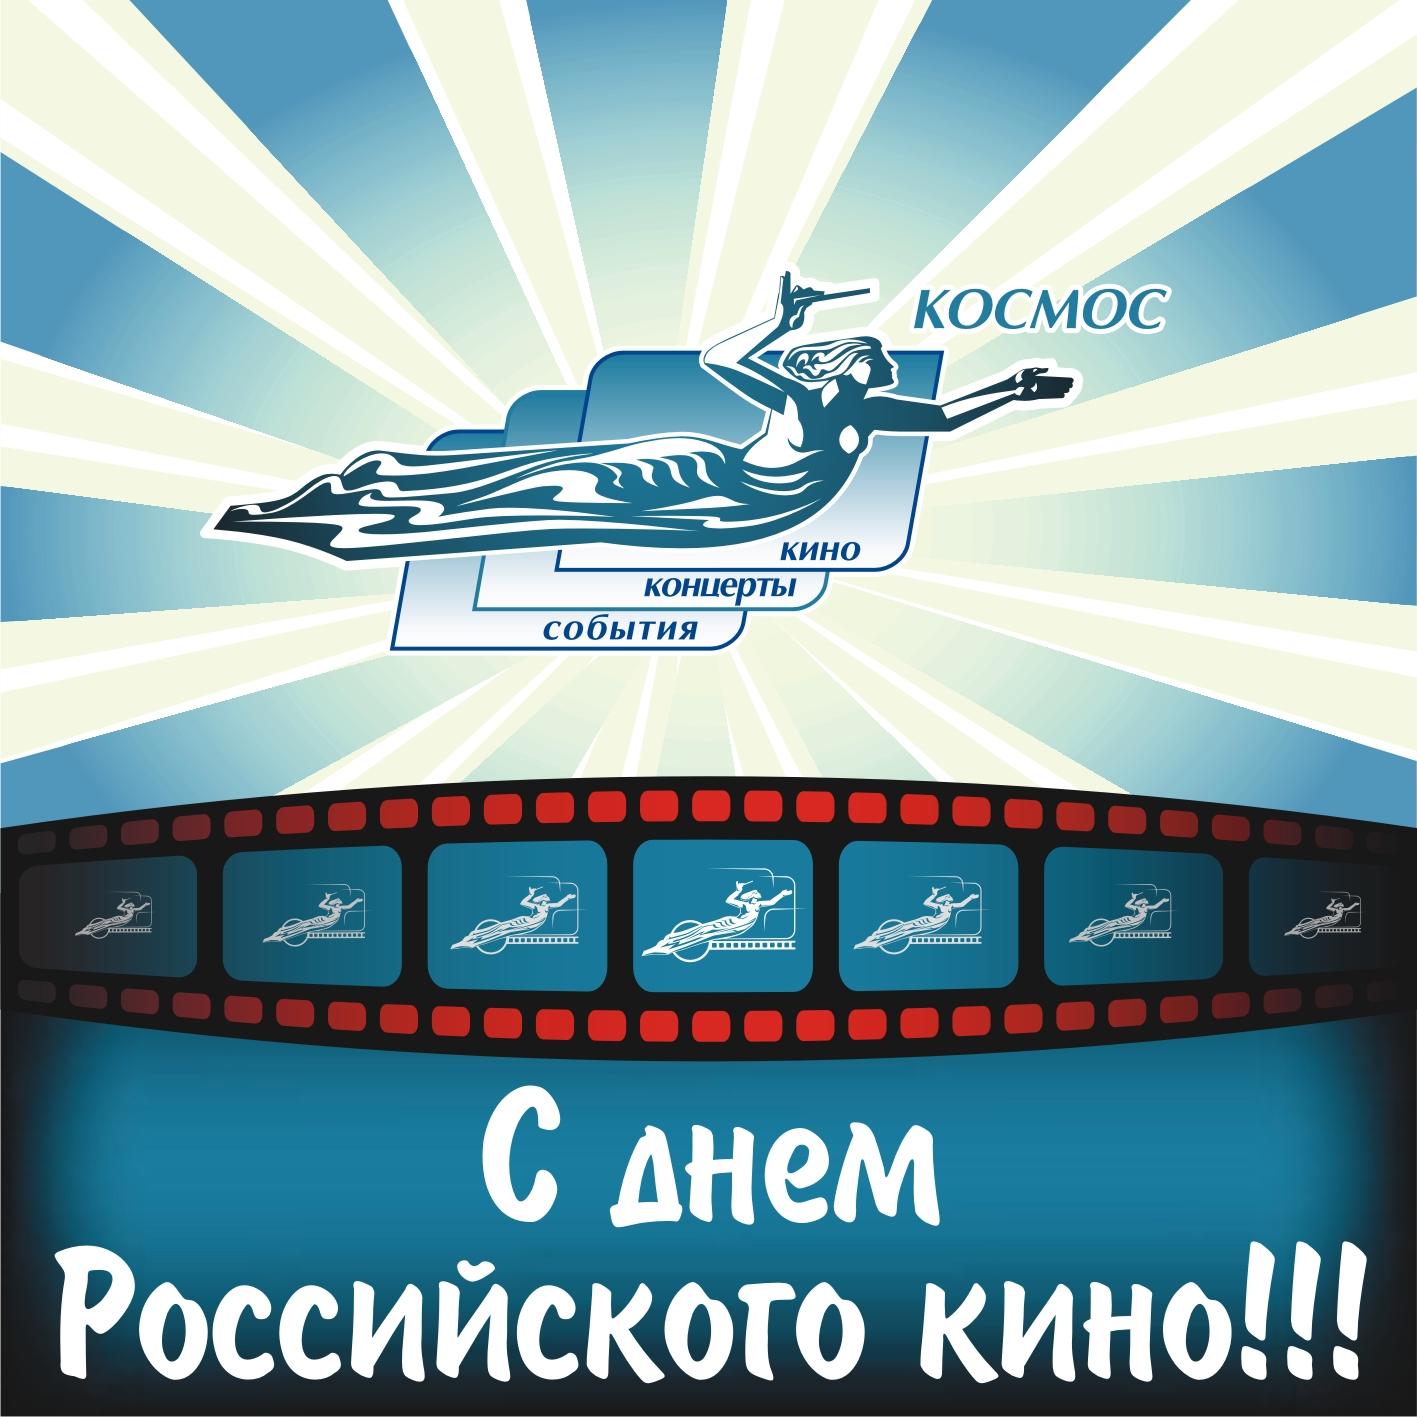 Поздравления на День российского кино 2018 в прозе - Поздравок